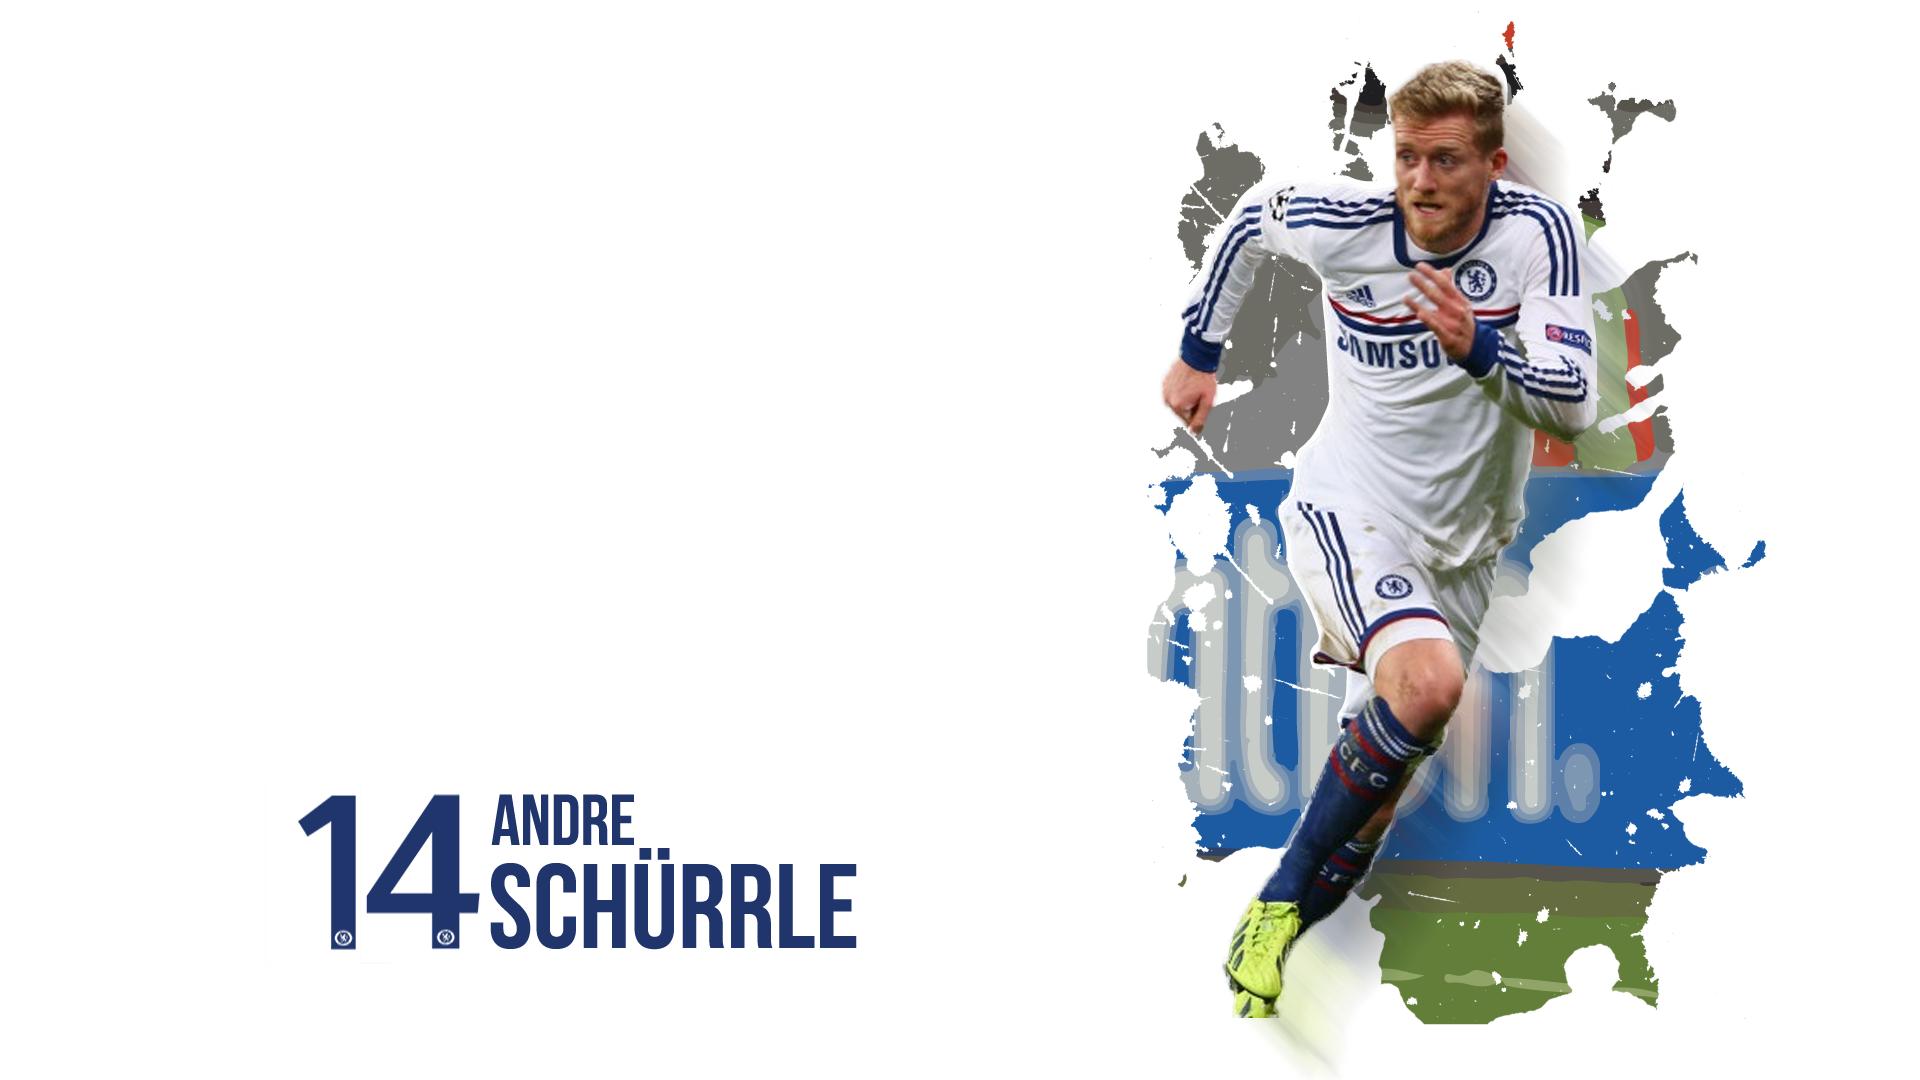 André Schürrle High Resolution Wallpaper HD